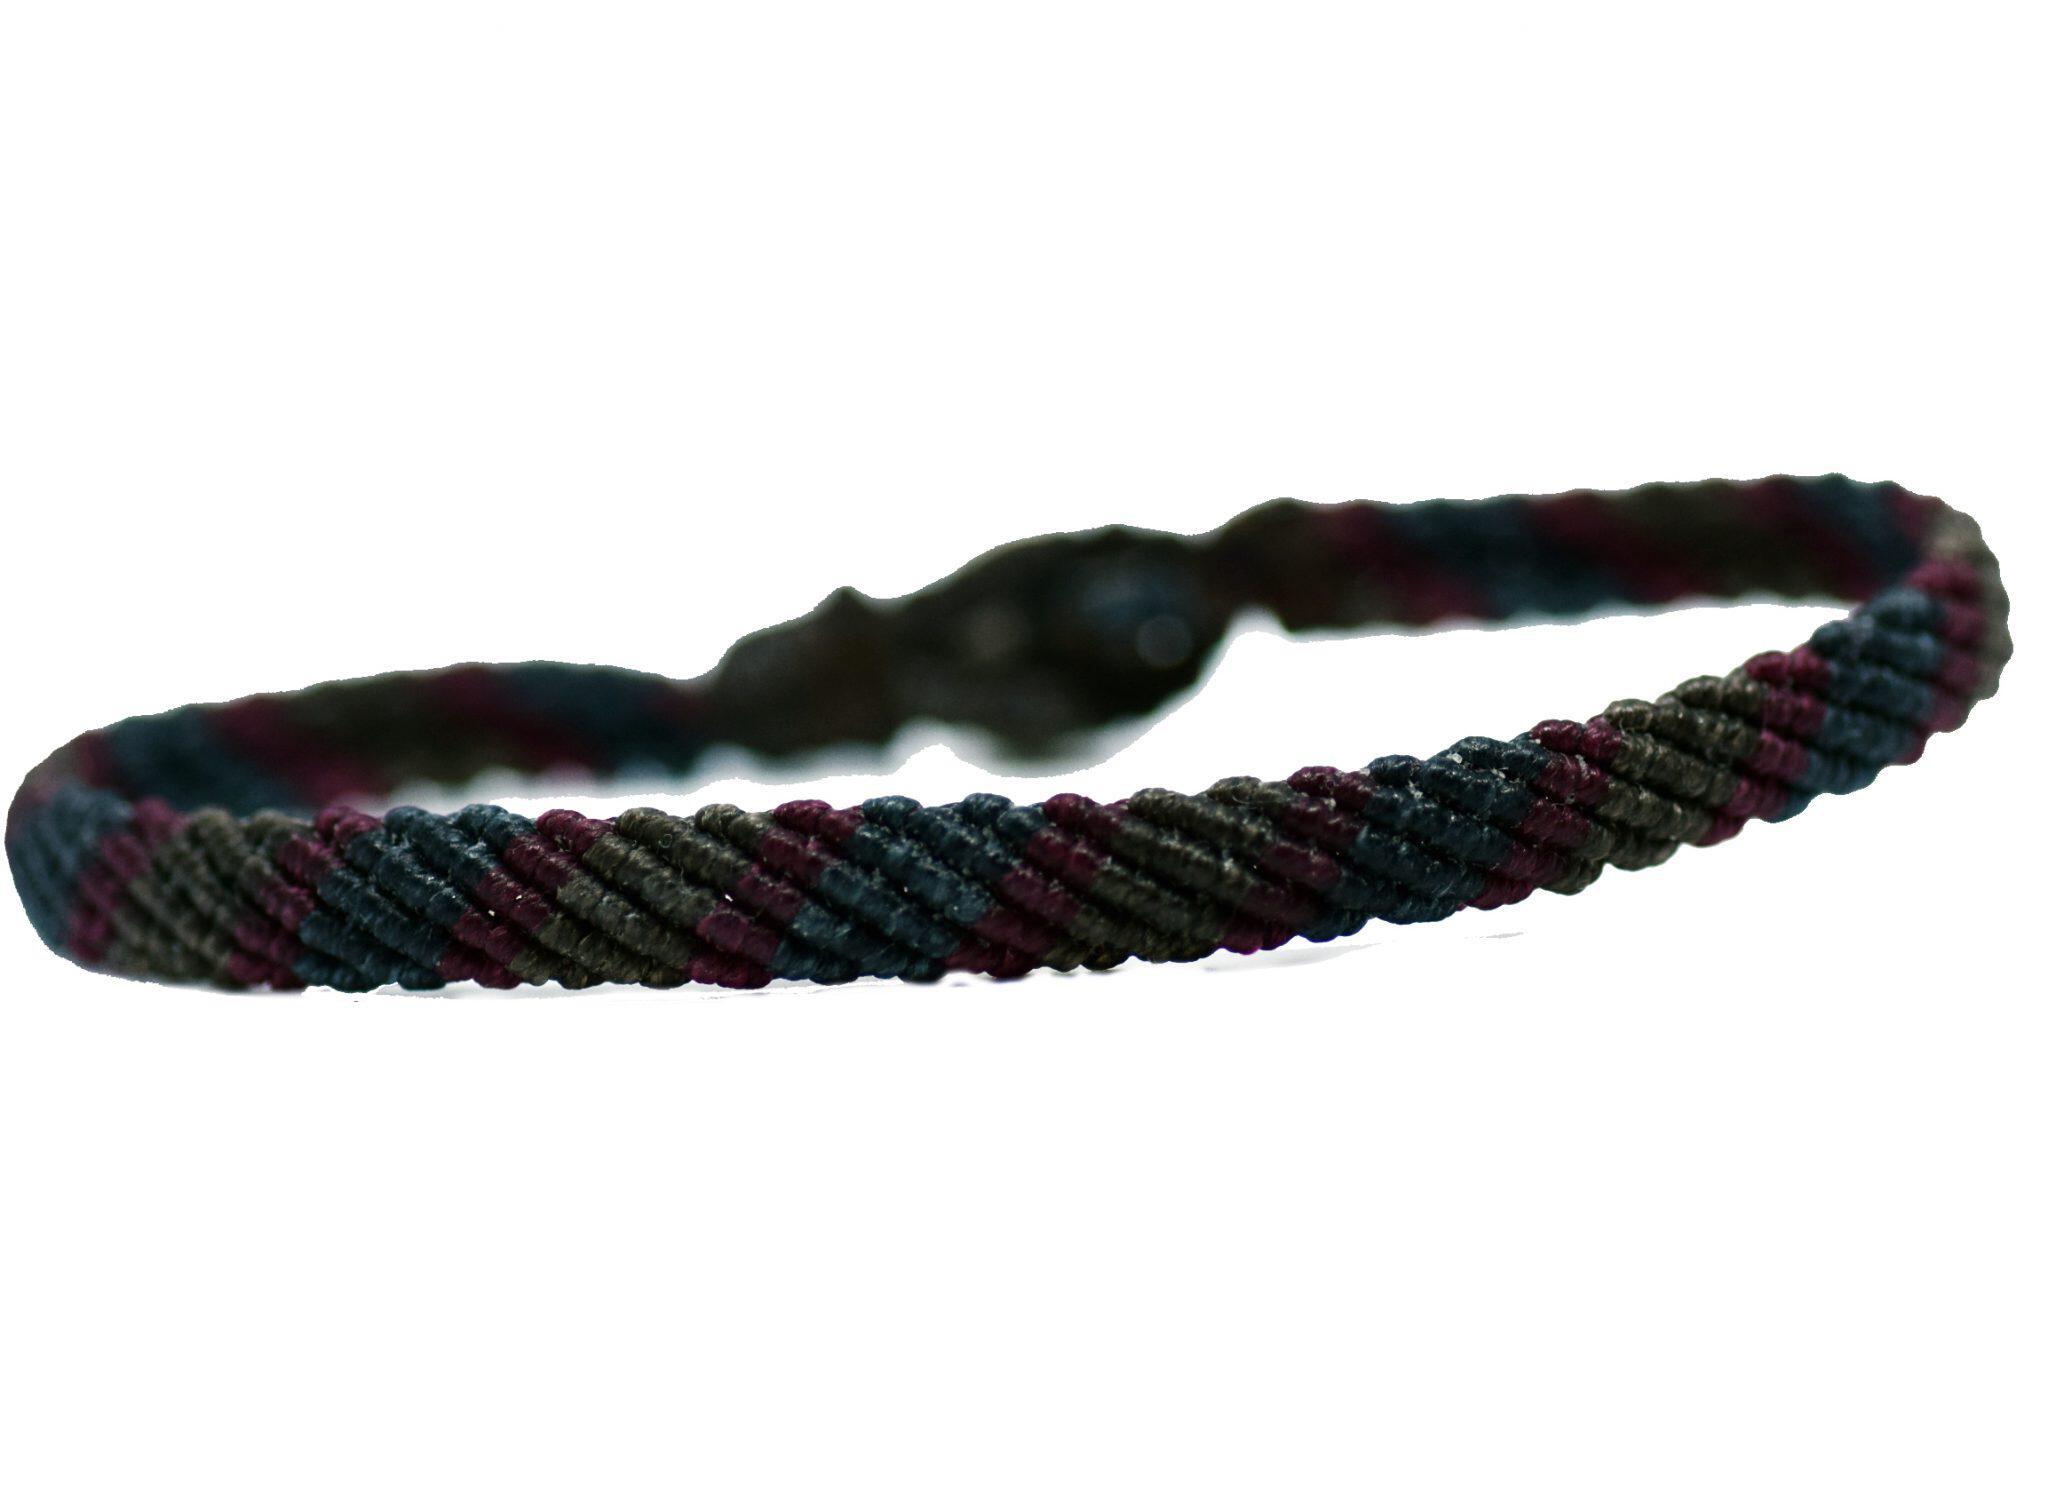 Βραχιόλι macrame 8mm με ρίγες τρίχρωμο καφέ-γκρενά-μπλε (μπροστά όψη)